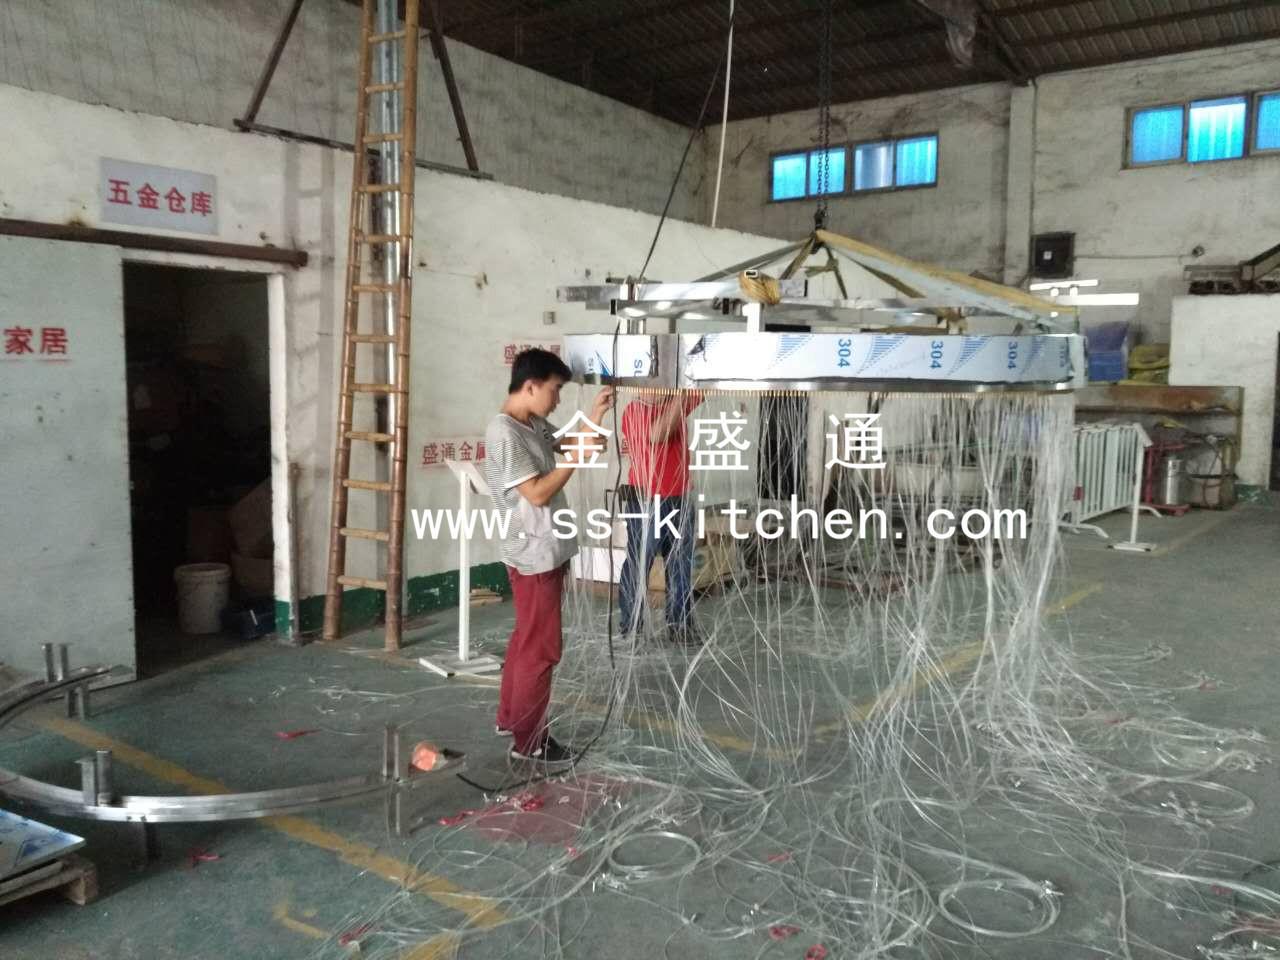 拉线水帘,吊线水帘金盛通拉线水帘内蒙古呼和浩特工程